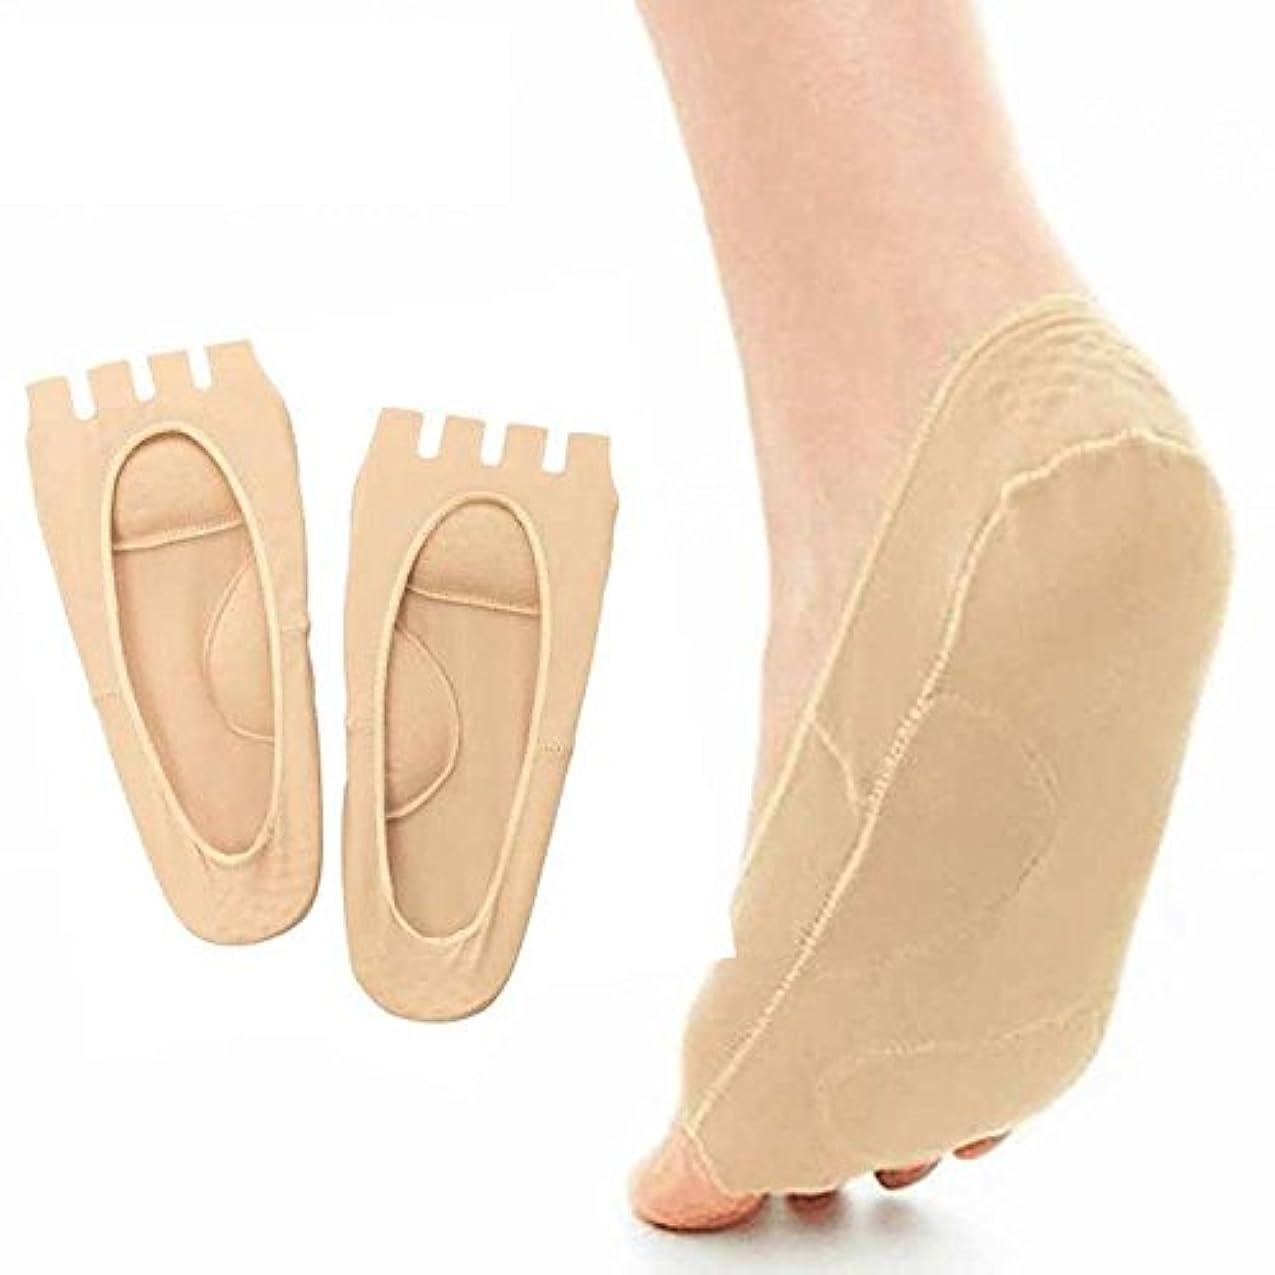 エゴマニア名声高くLorny(TM) ペディキュアツールコンシーラー親指の外反母趾の足セパレータフットケアツールのソックスマッサージャーアーチサポートソックスの痛みを軽減するフット